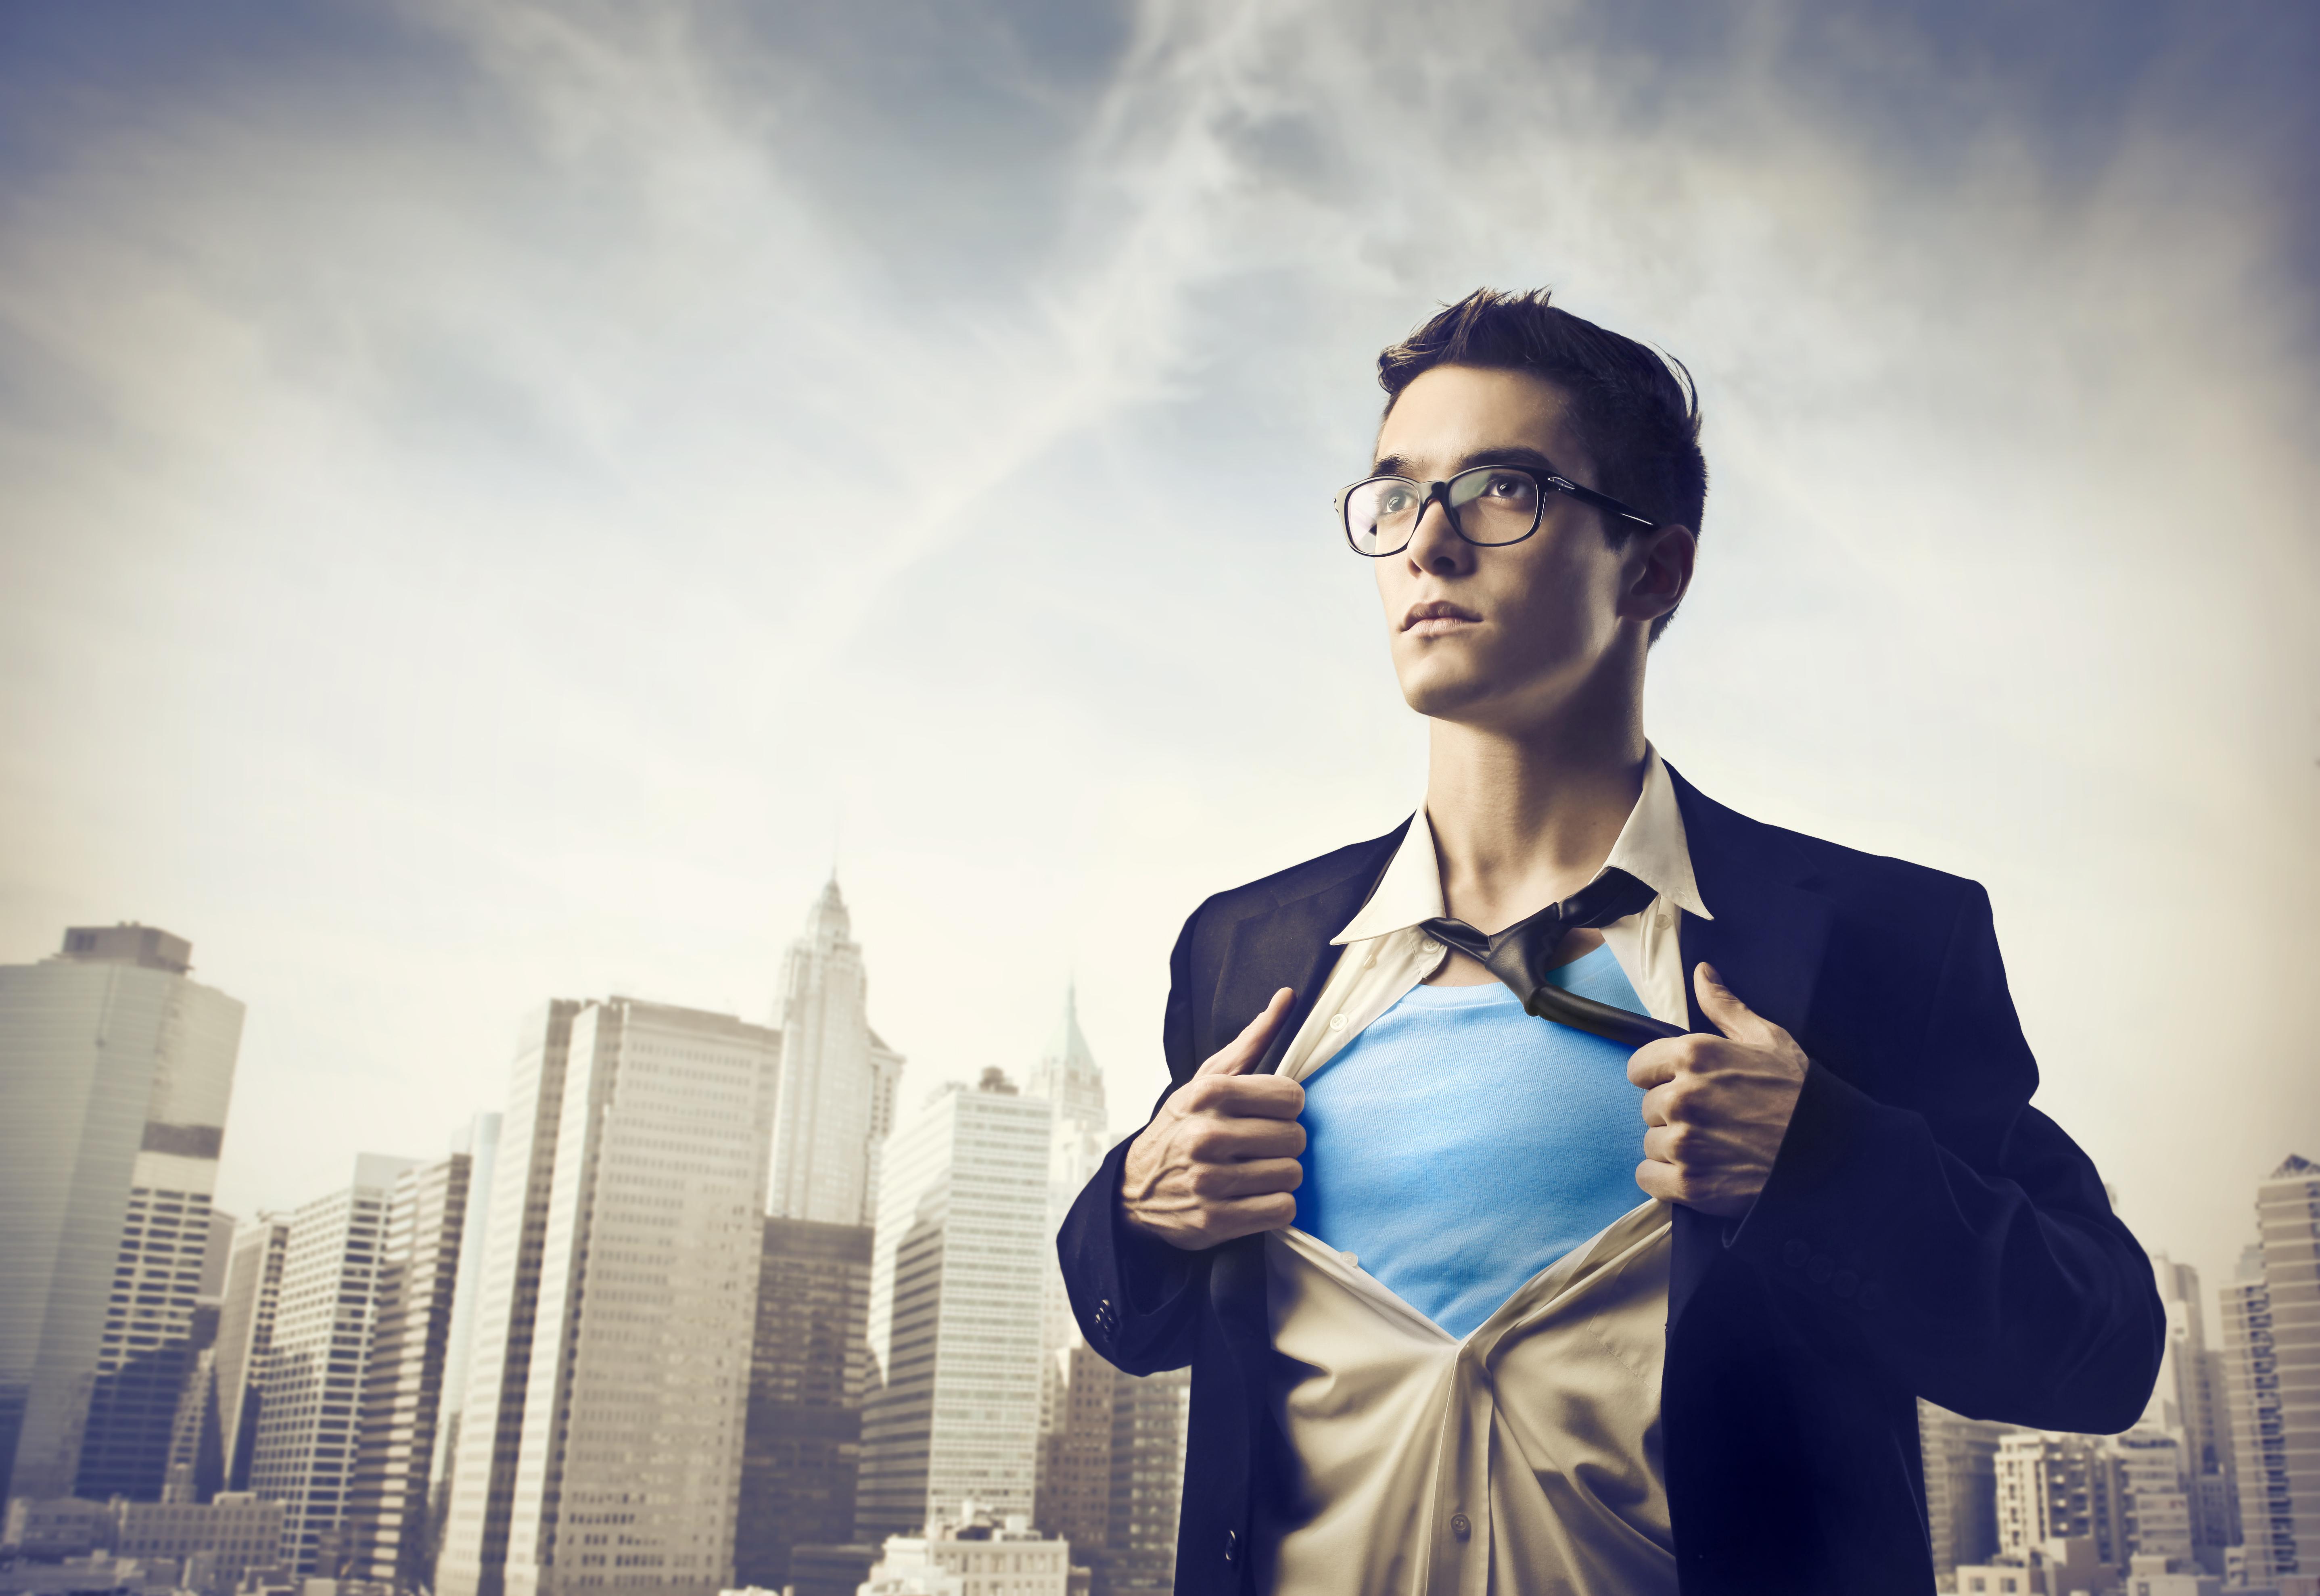 how to start a new job like a superhero